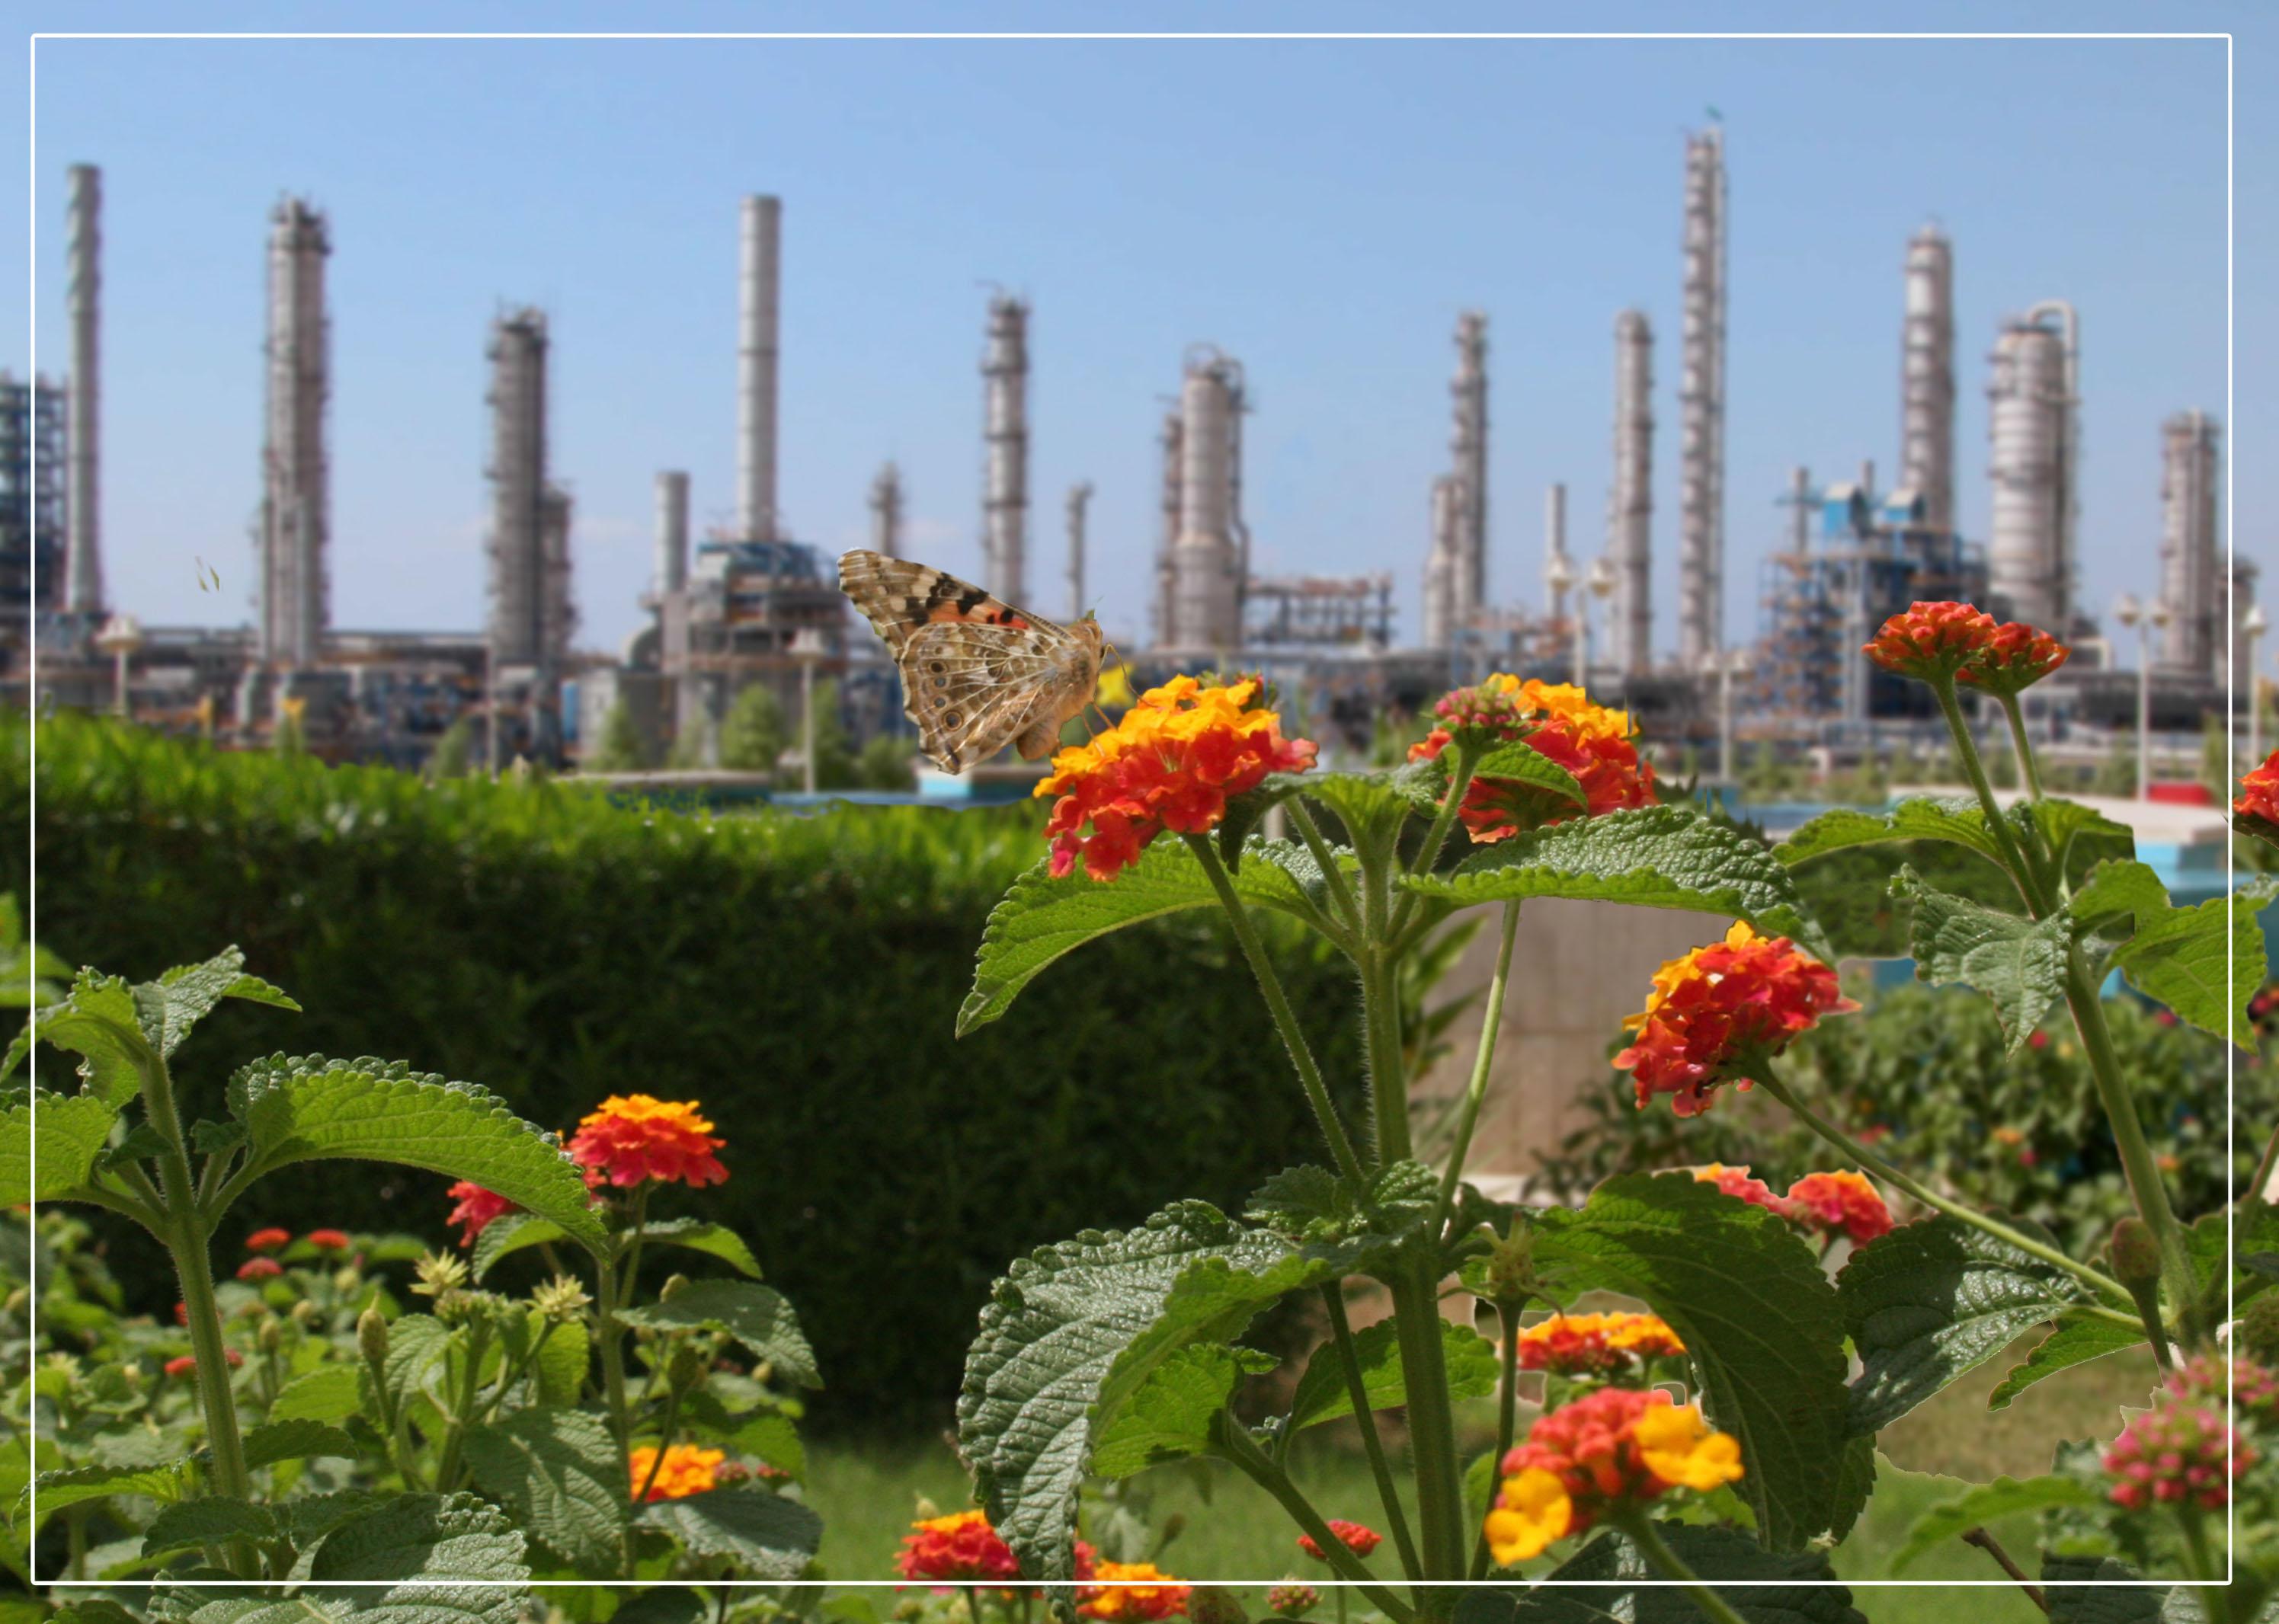 پایش مستمر پروژههای زیست محیطی مجتمعهای هلدینگ خلیج فارس